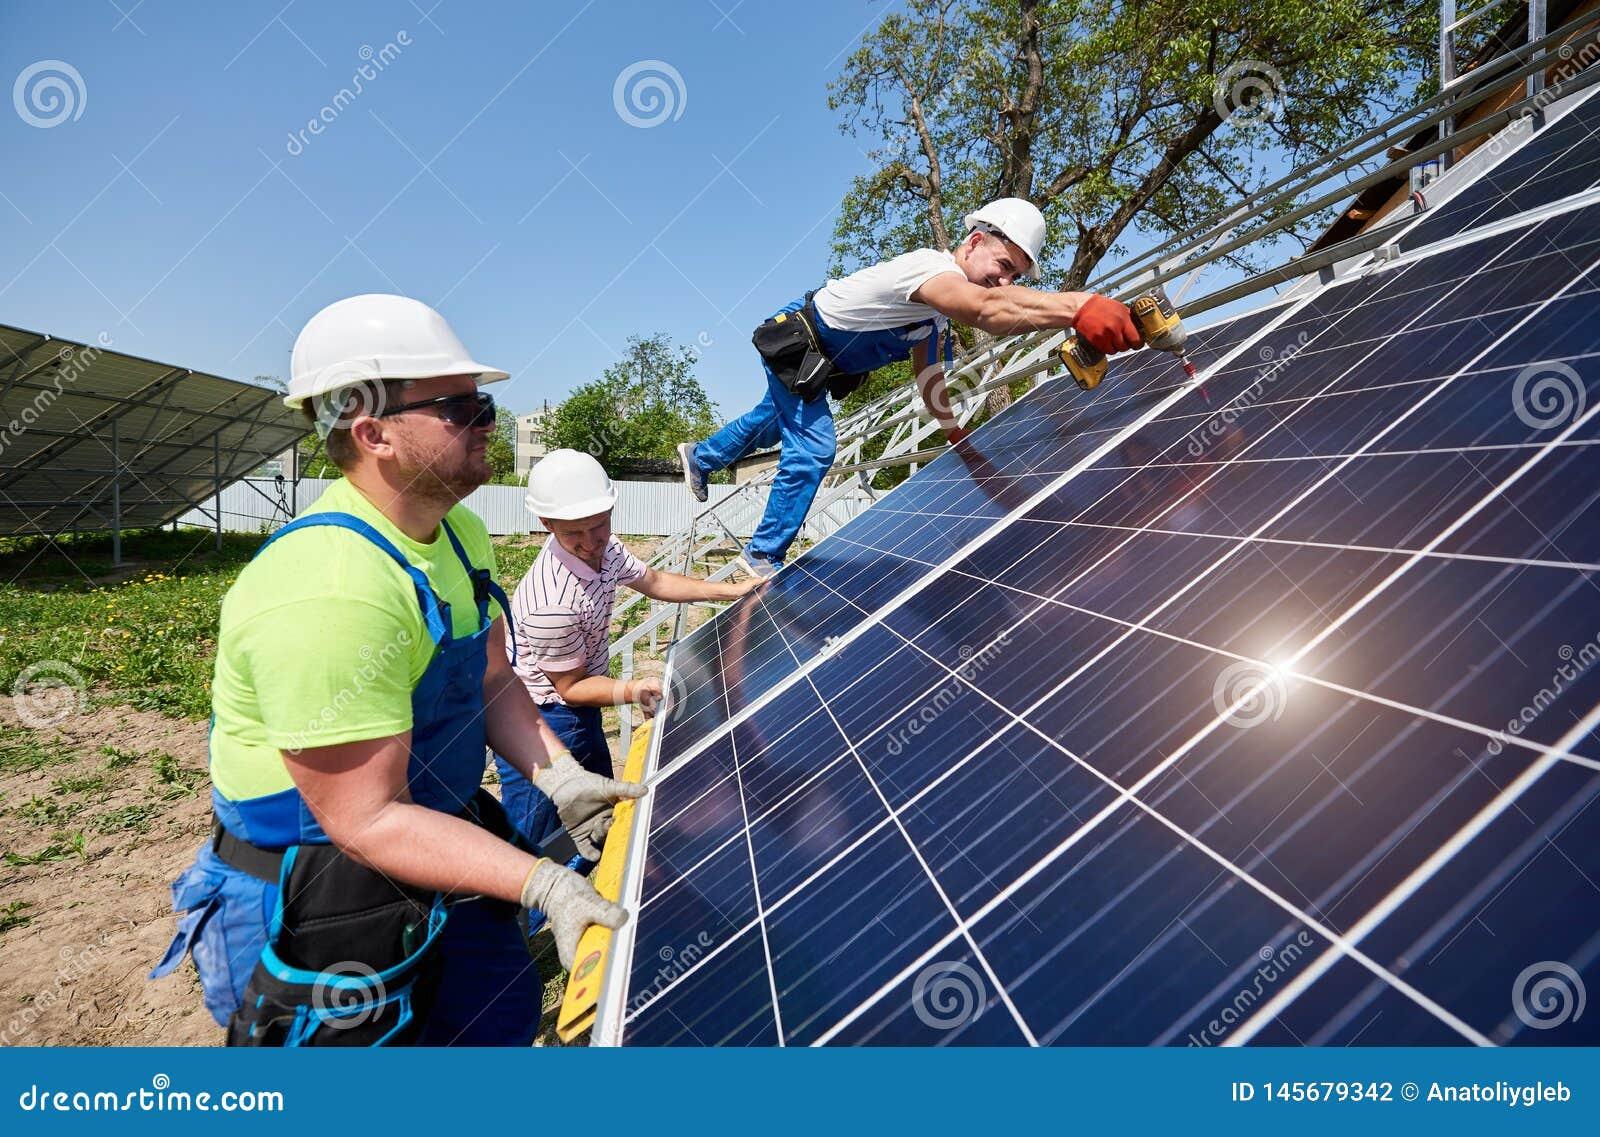 Отдельно стоящая внешняя установка системы панели солнечных батарей, зеленая концепция способная к возрождению поколения энергии